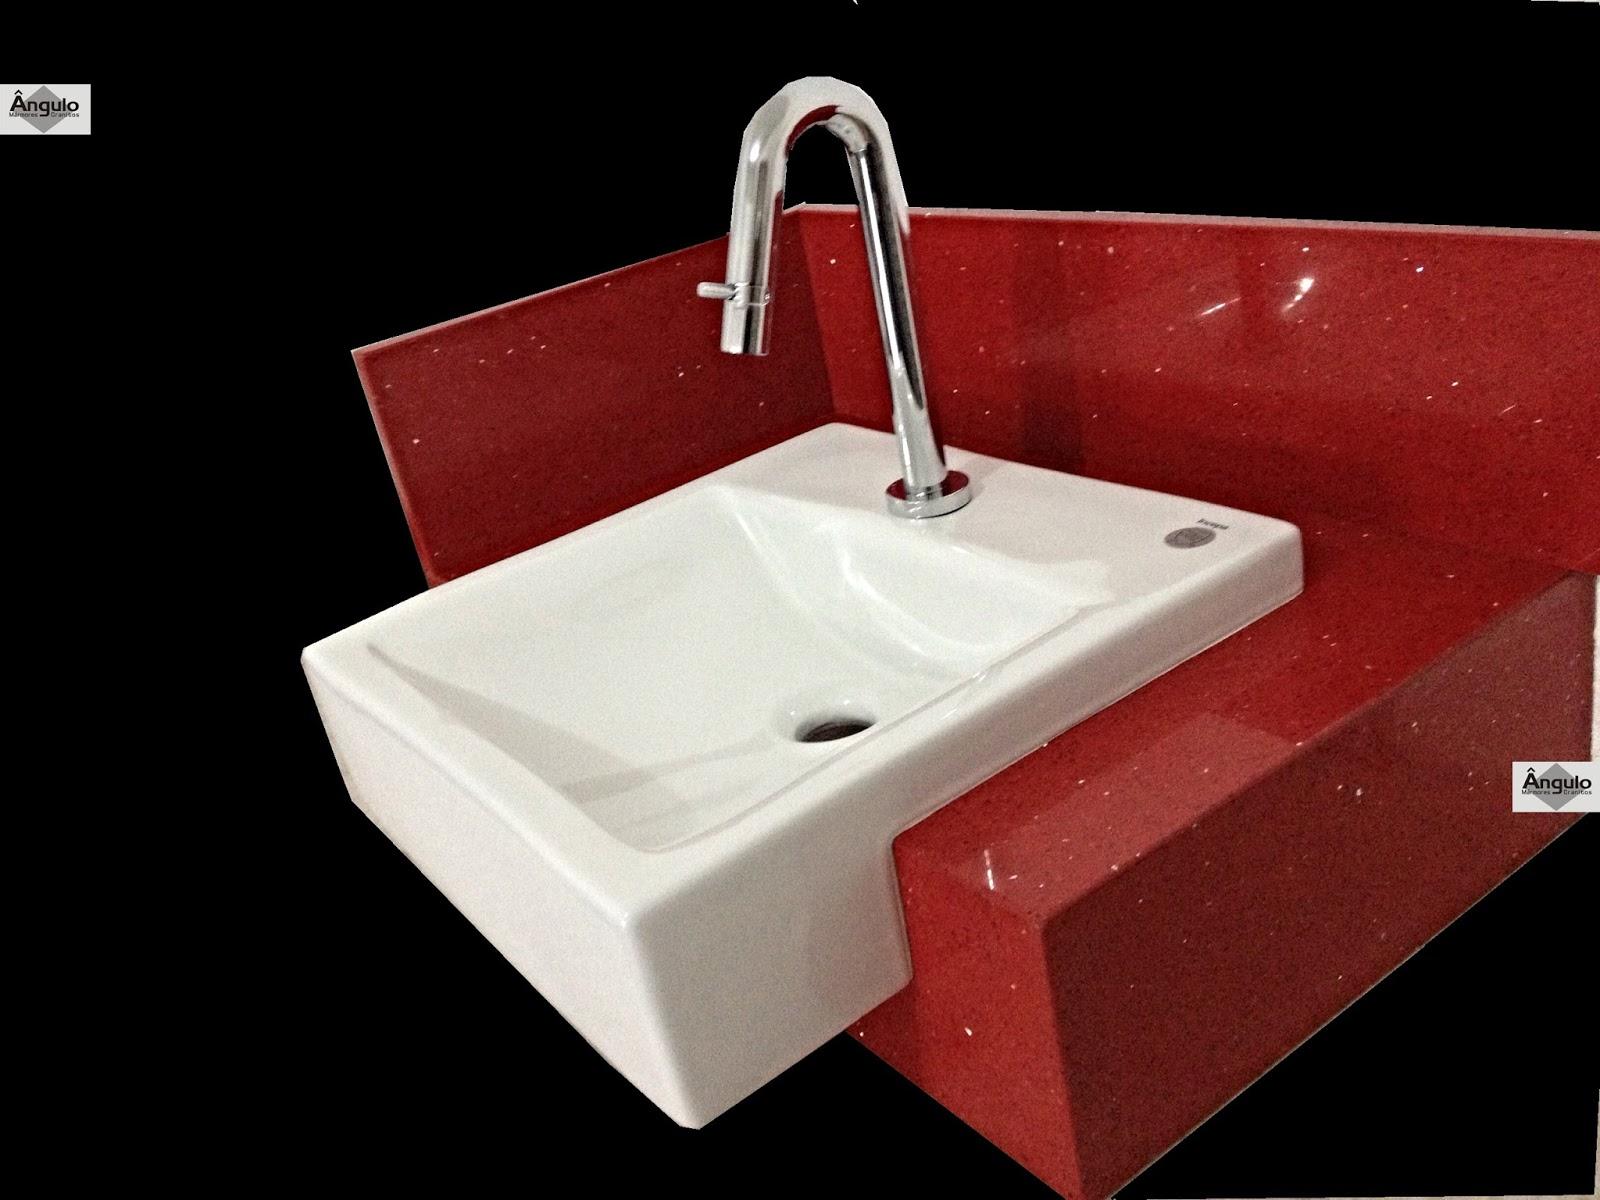 Bancada Banheiro Silestone Vermelho Stellar #020000 1600x1200 Bancada De Banheiro Em Granito